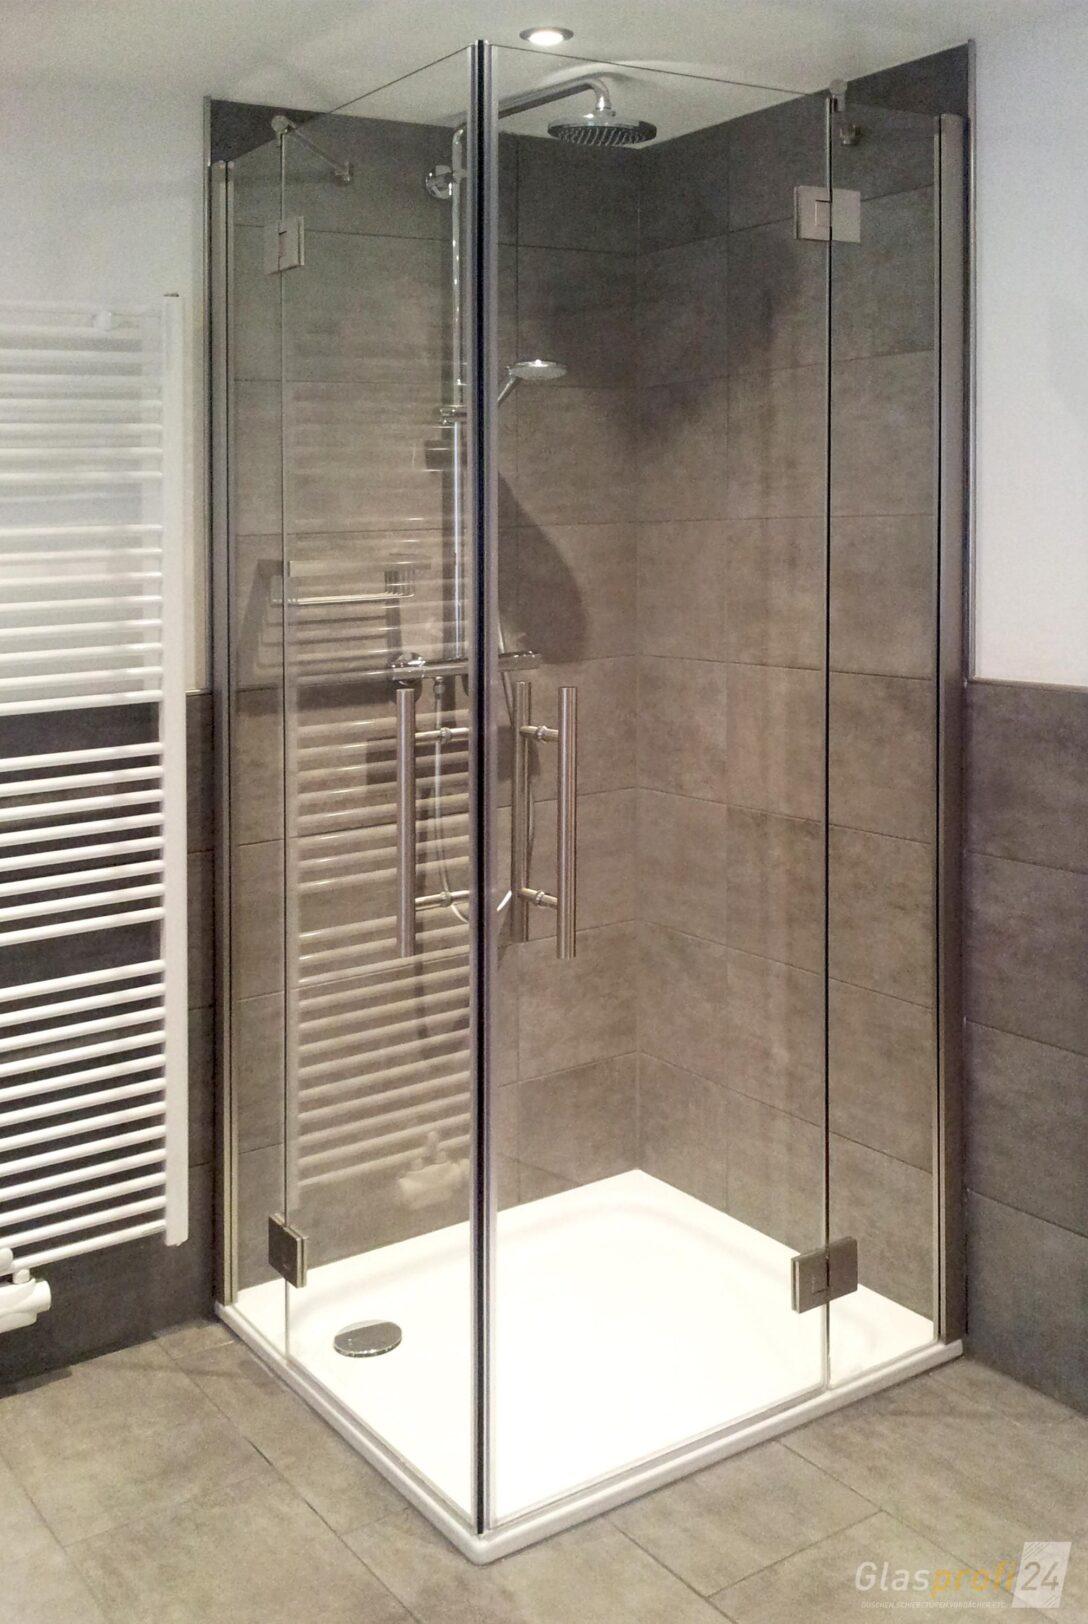 Large Size of Glaswand Dusche Mit Einem Oder Zwei Flgeltren Ist Eine Eckdusche Aus Glas Haltegriff Antirutschmatte Glasabtrennung Nischentür Unterputz Armatur Schiebetür Dusche Glaswand Dusche